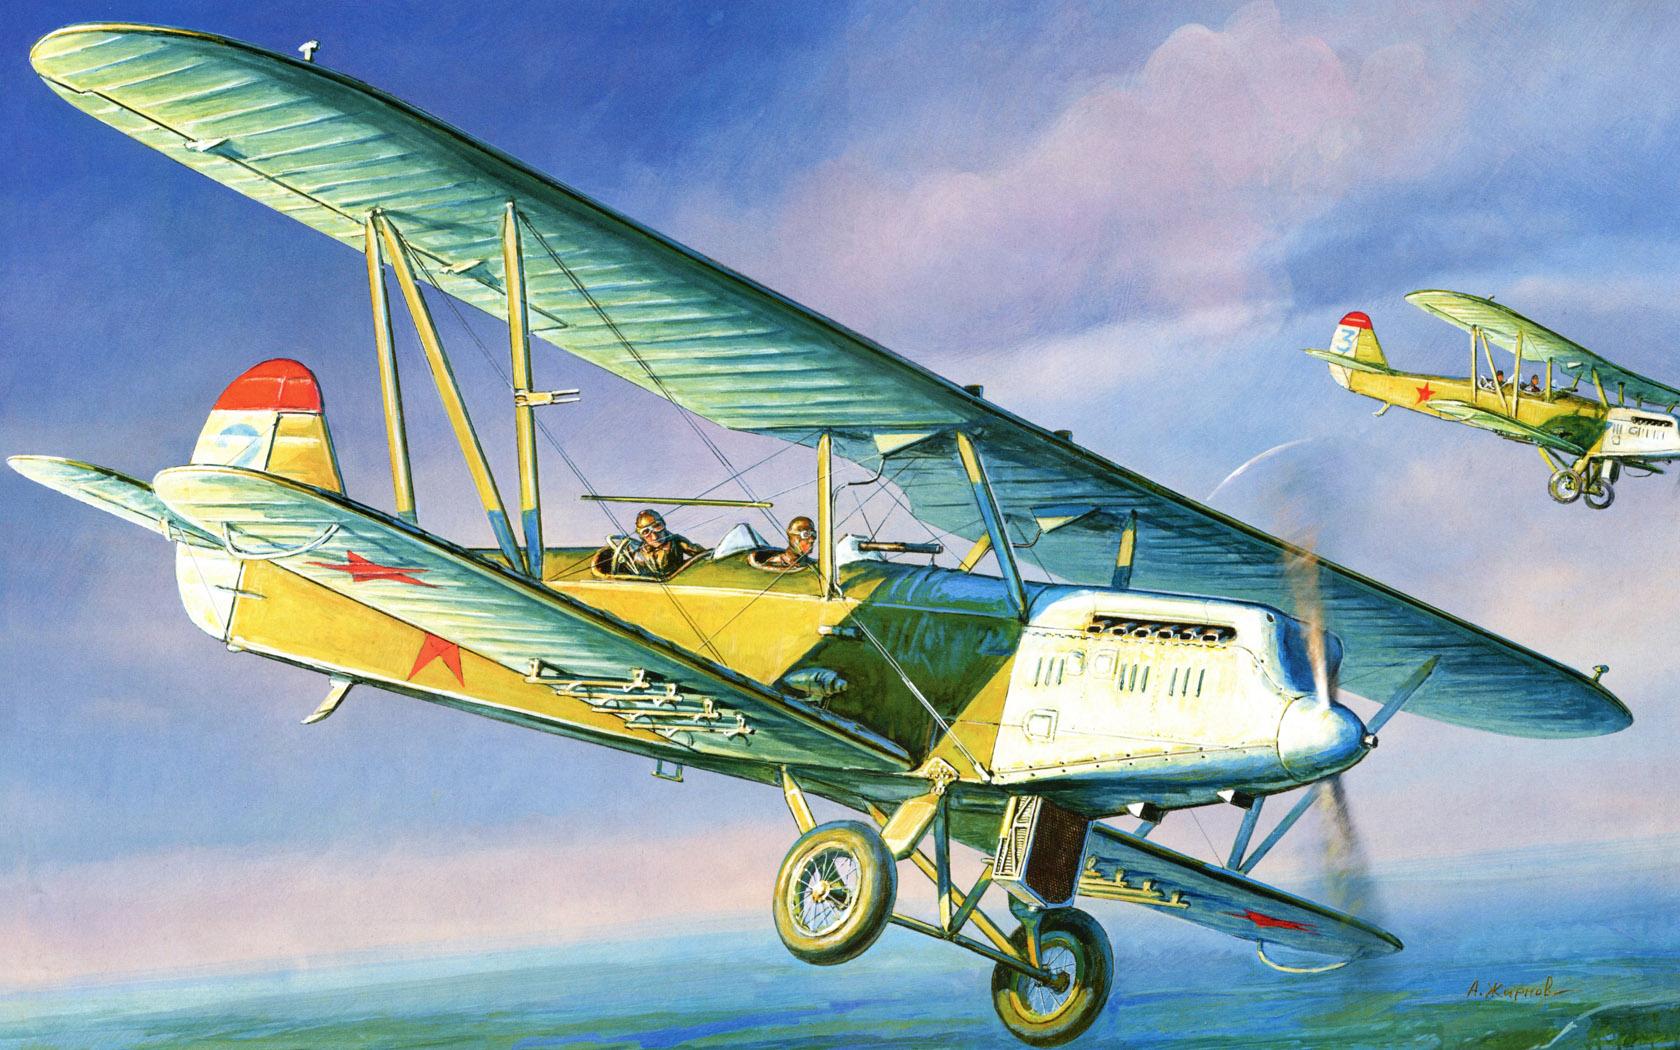 Жирнов Андрей. Р-5. Многоцелевой одномоторный самолёт.